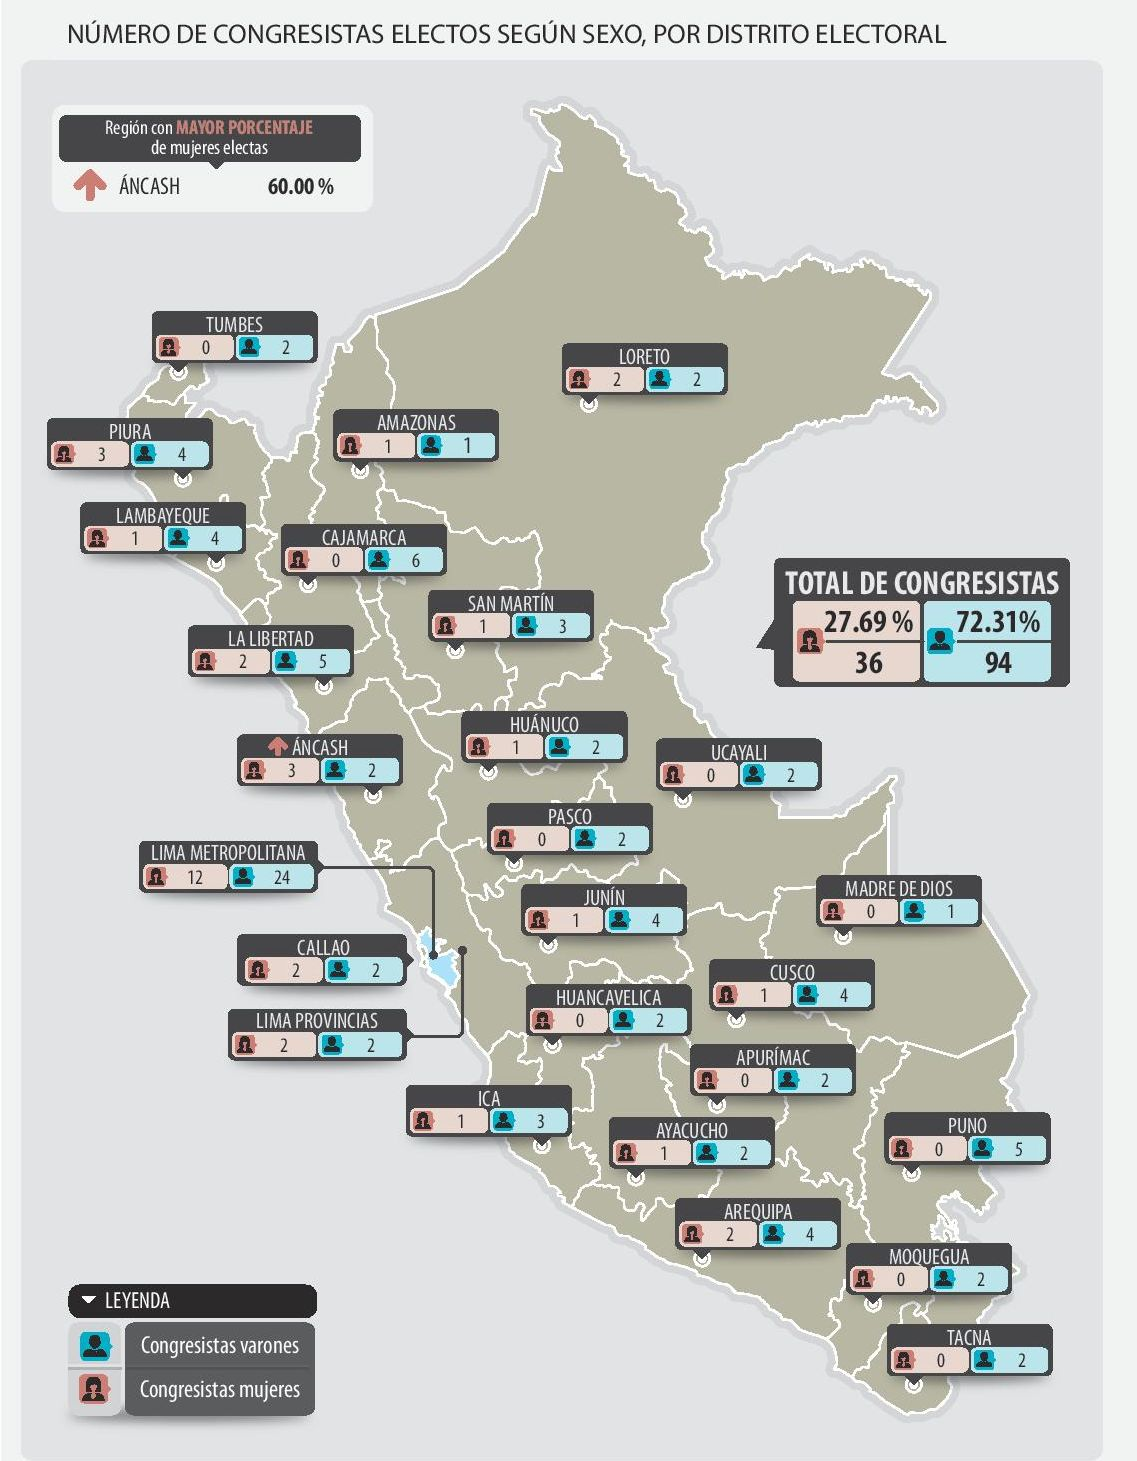 Un informe del JNE da detalles sobre la composición del próximo Congreso de la República. (Imagen: JNE)